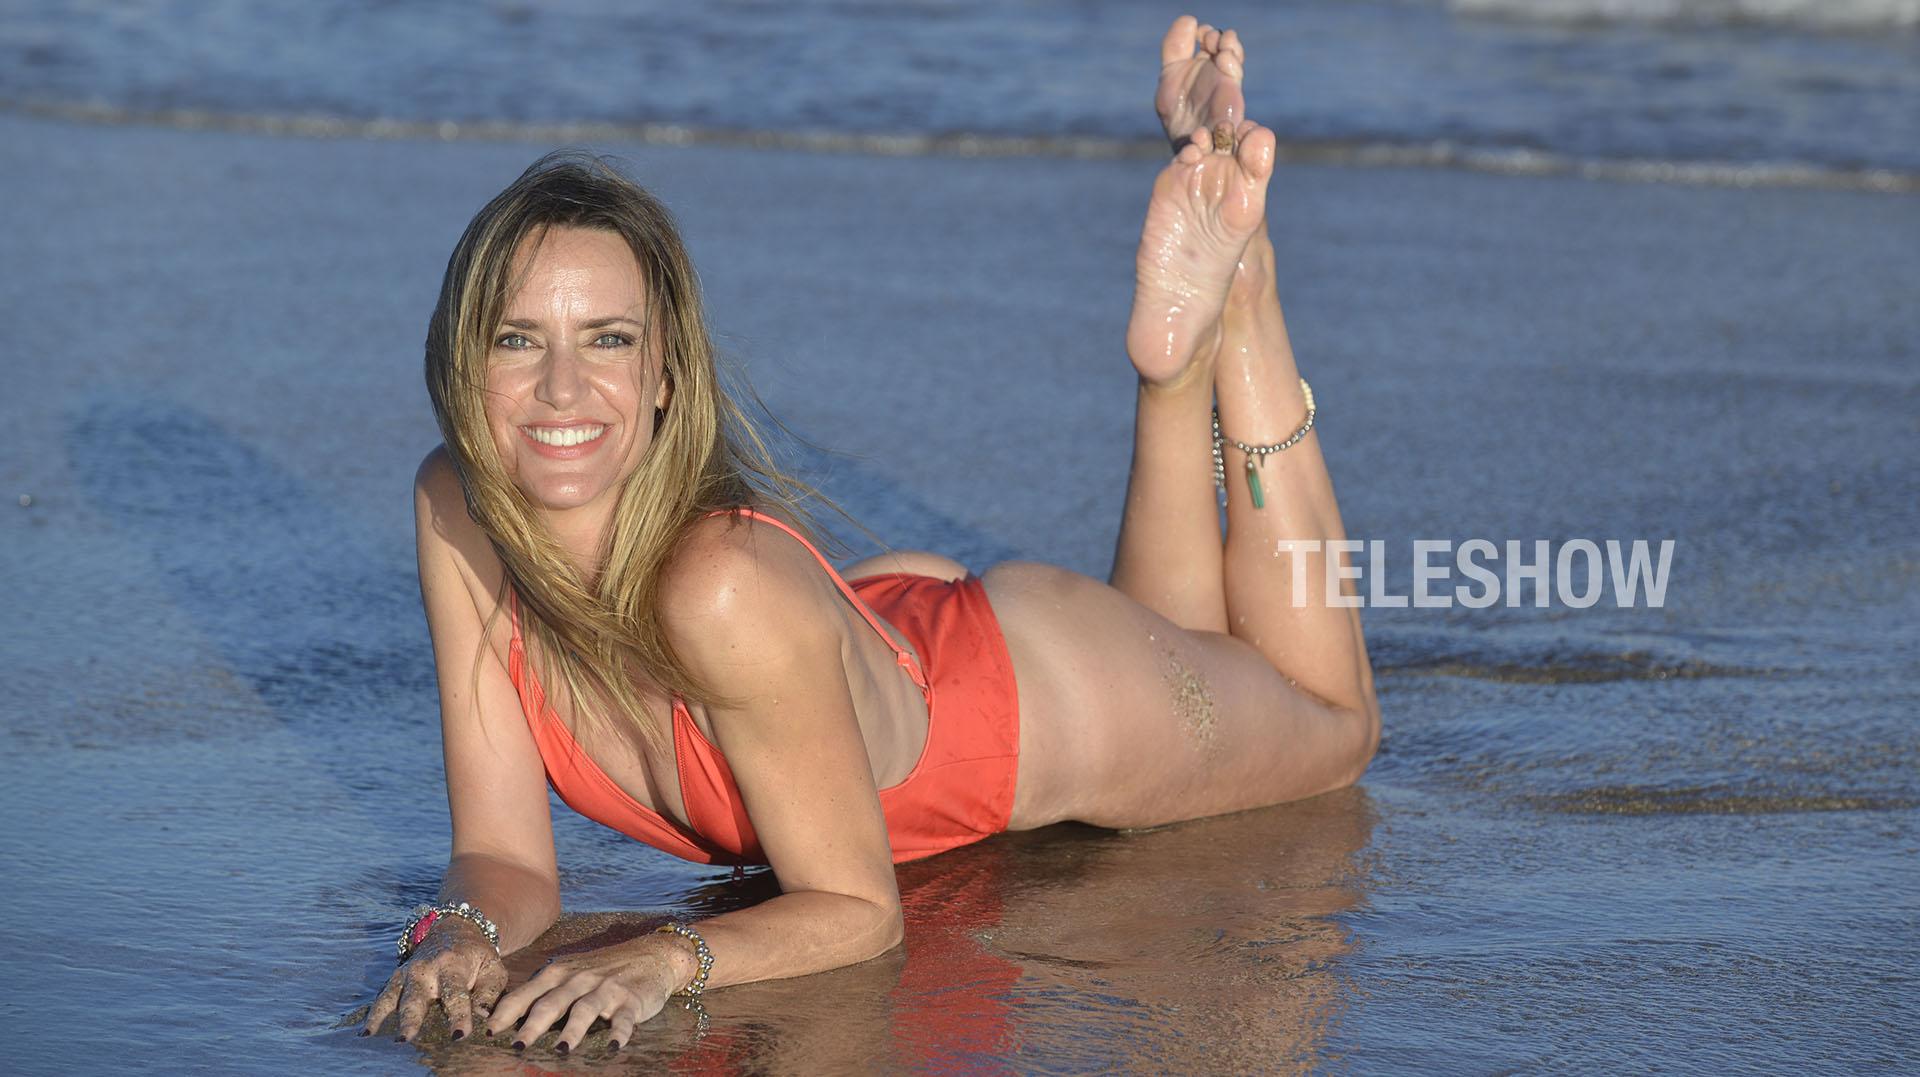 Soledad Villareal se nació en una ciudad santafecina que es cuna de grandes fubtolistas como Jorge Valdano: hablamos de Las Parejas.¡Pero a no confundirse! Ella no es botinera… Lo suyo en los medios pasa por la capacidad